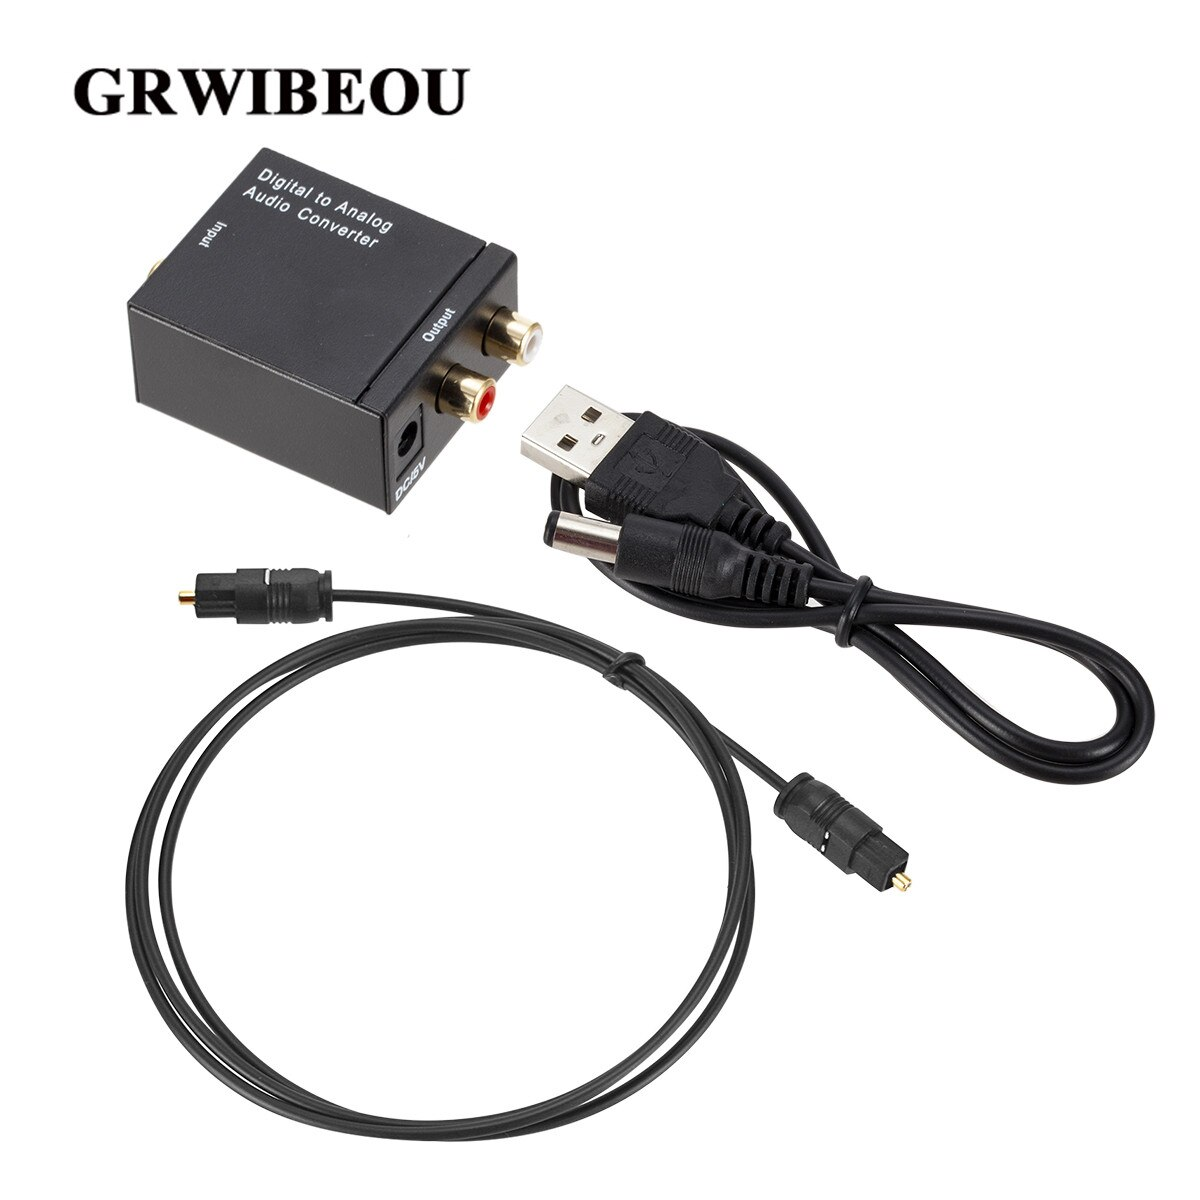 Grwibeou דיגיטלי לאנלוגי אודיו ממיר אופטי סיבי Toslink קואקסיאלי אות RCA R/L אודיו מפענח SPDIF טרקטורונים DAC מגבר